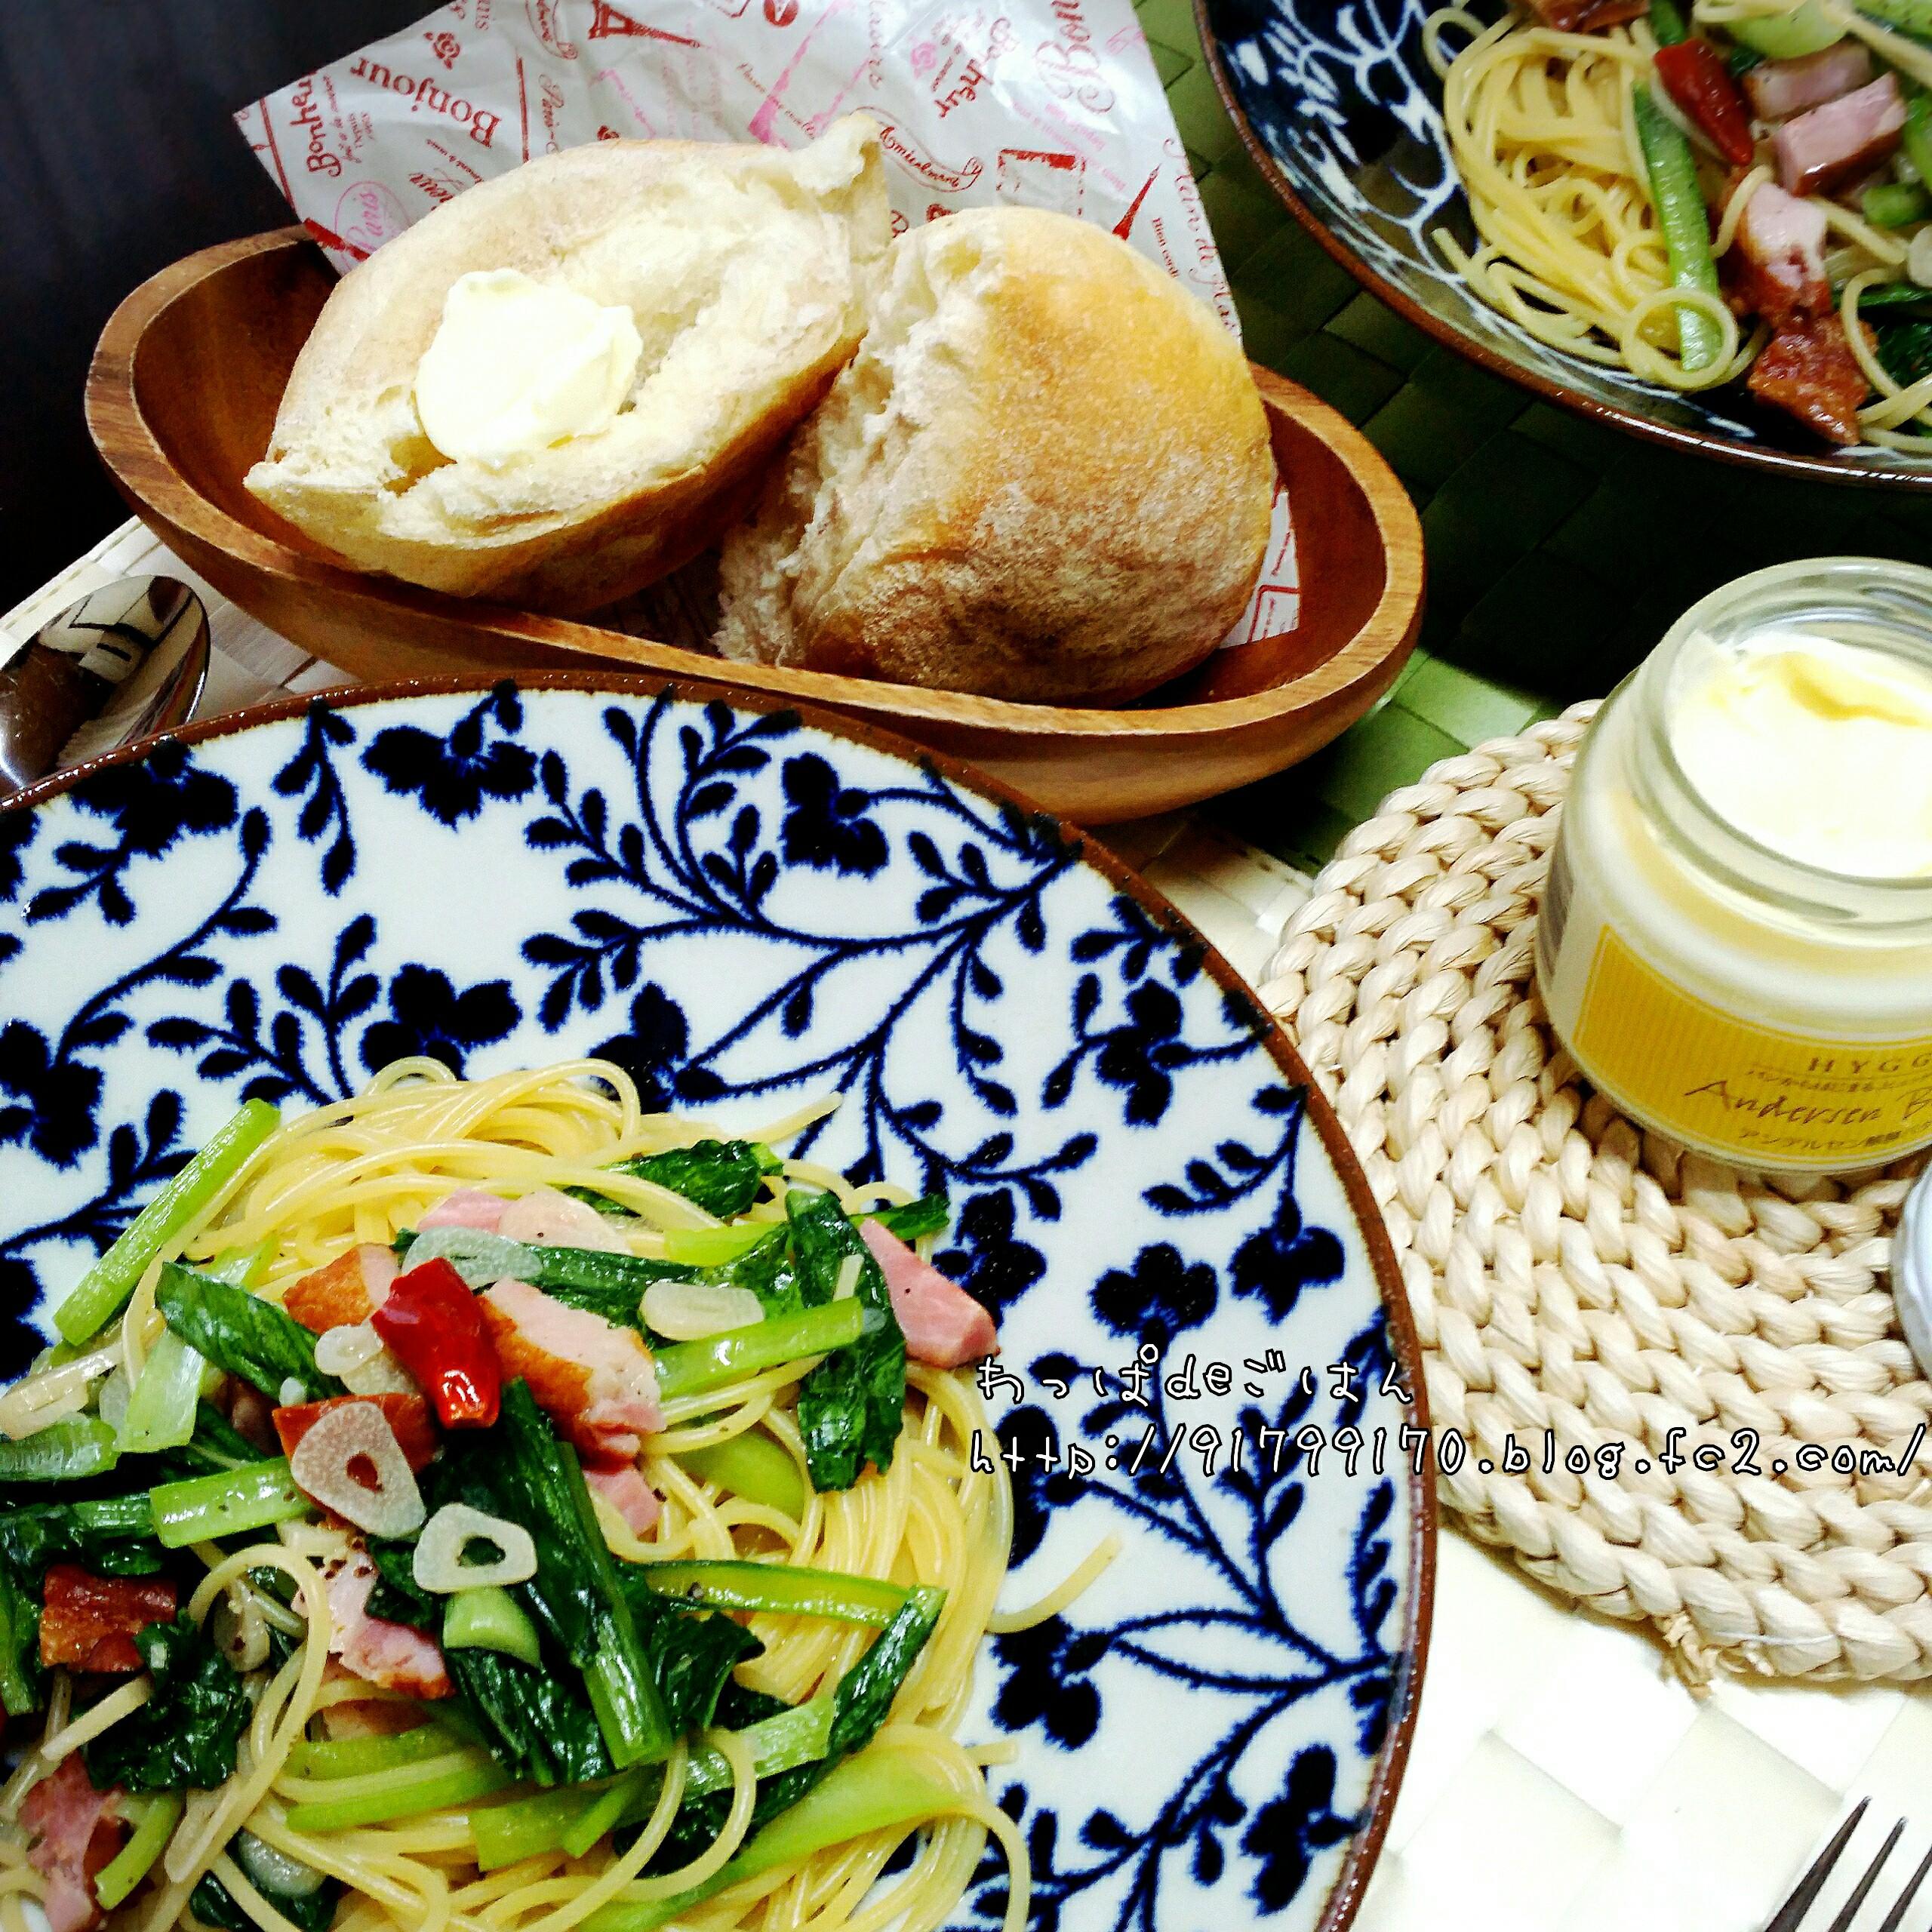 厚切りベーコンと小松菜のペペロンチーノ